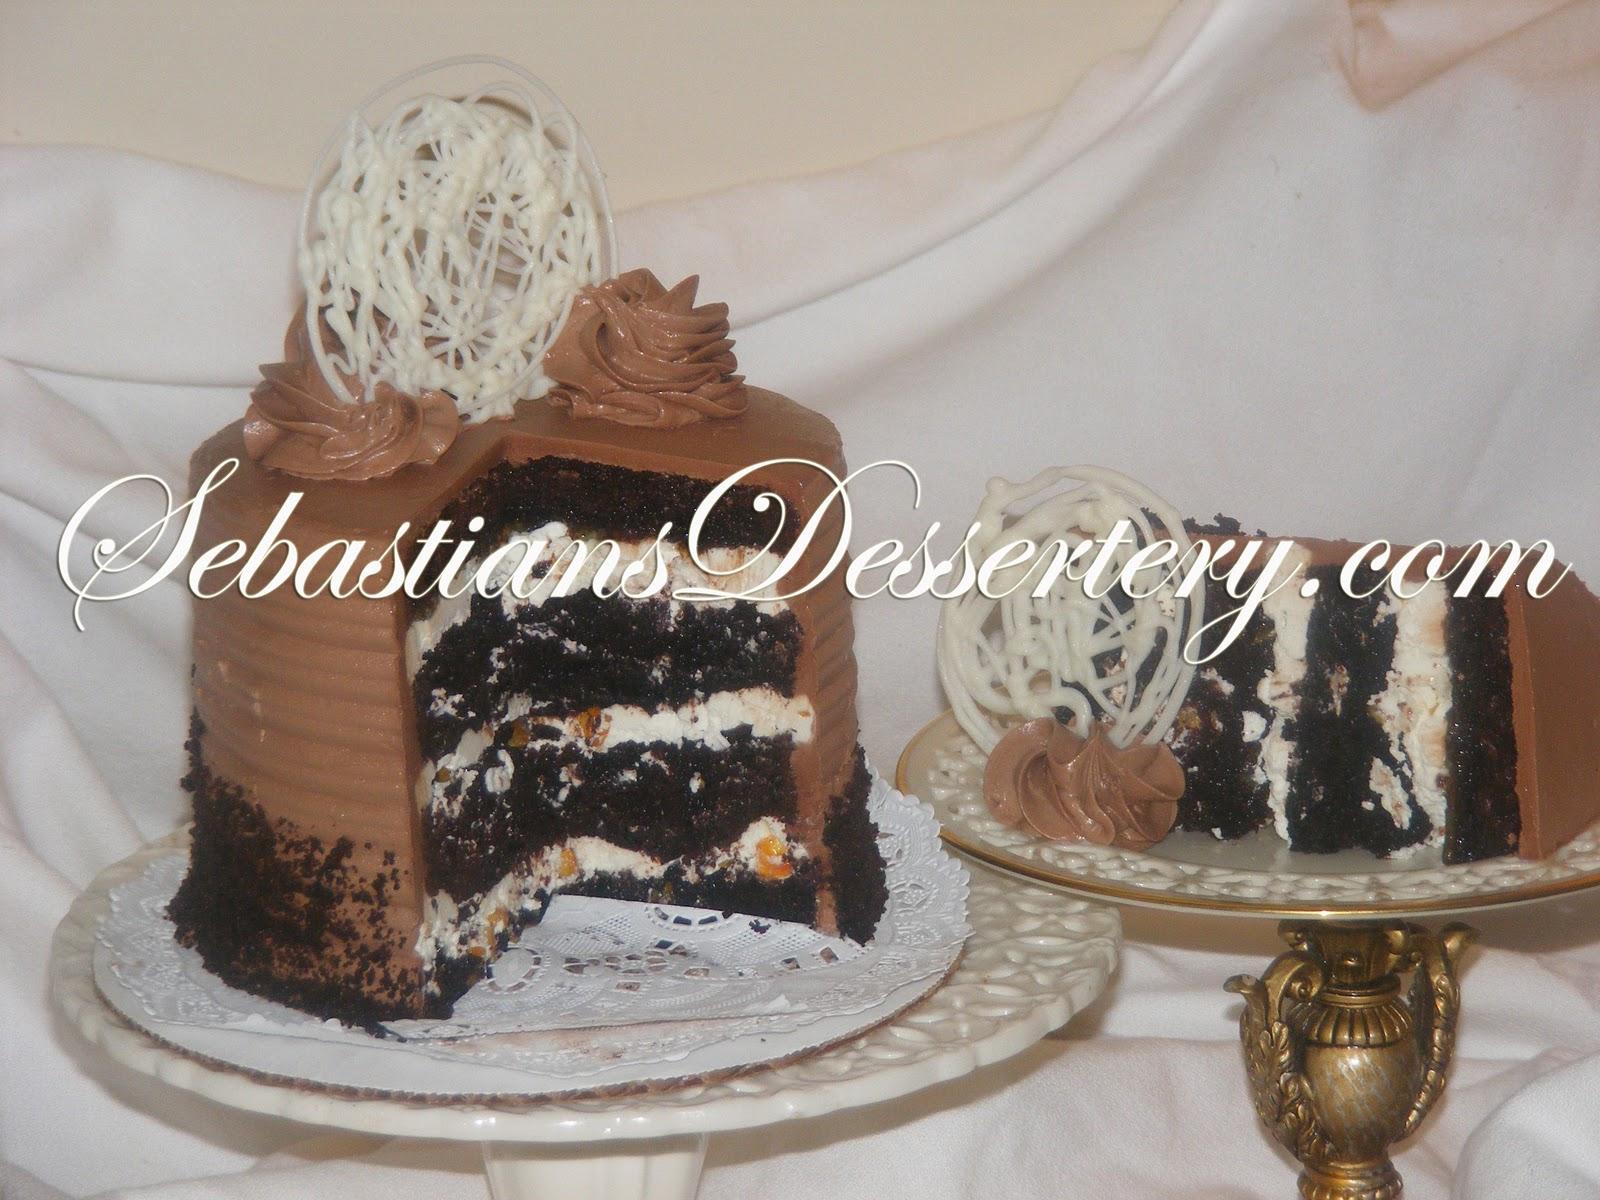 Sebastians Dessertery Cake Boss Gourmet Cakes